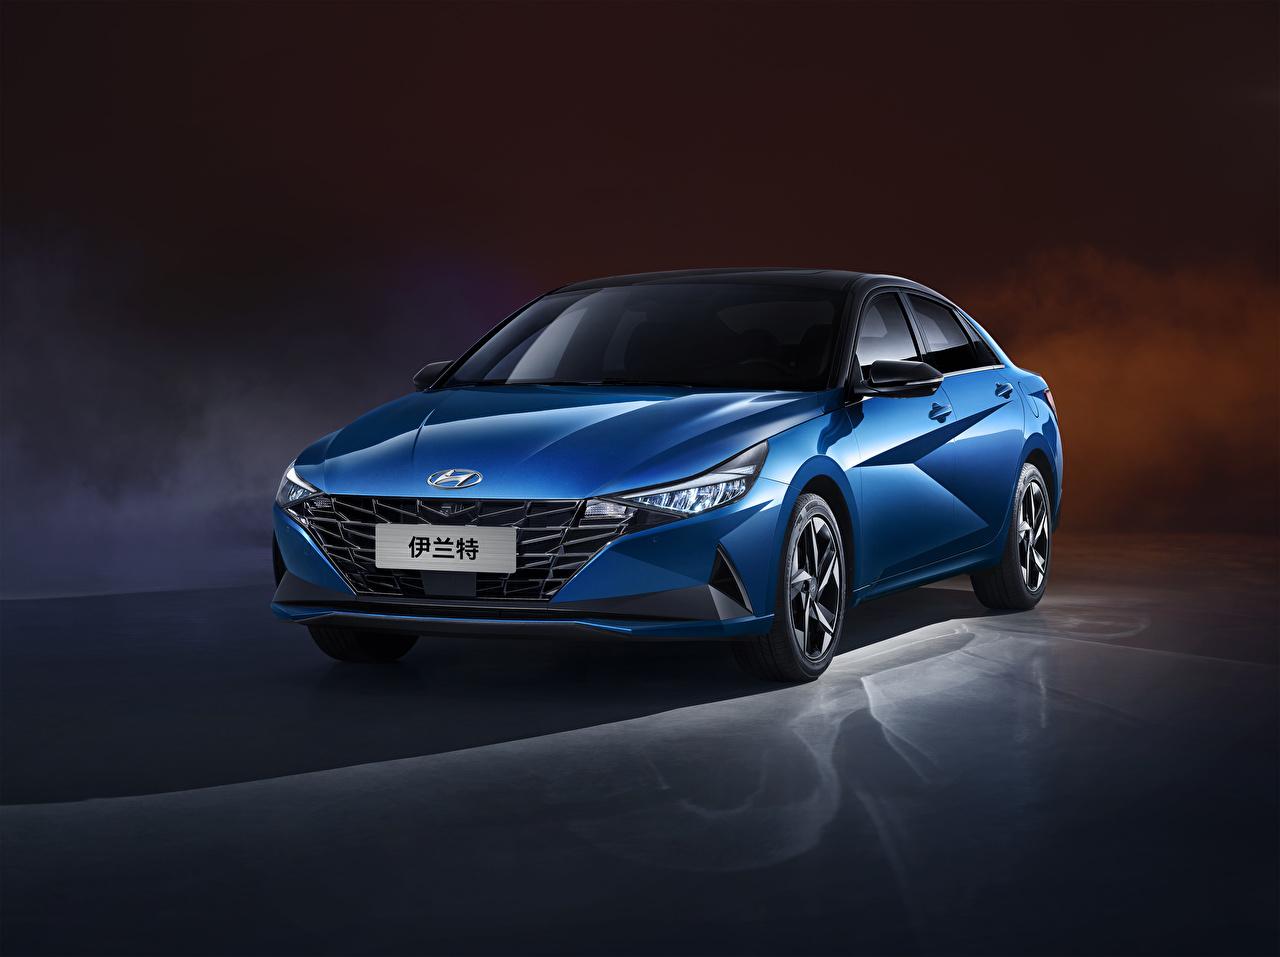 Desktop Hintergrundbilder Hyundai Blau automobil Metallisch auto Autos